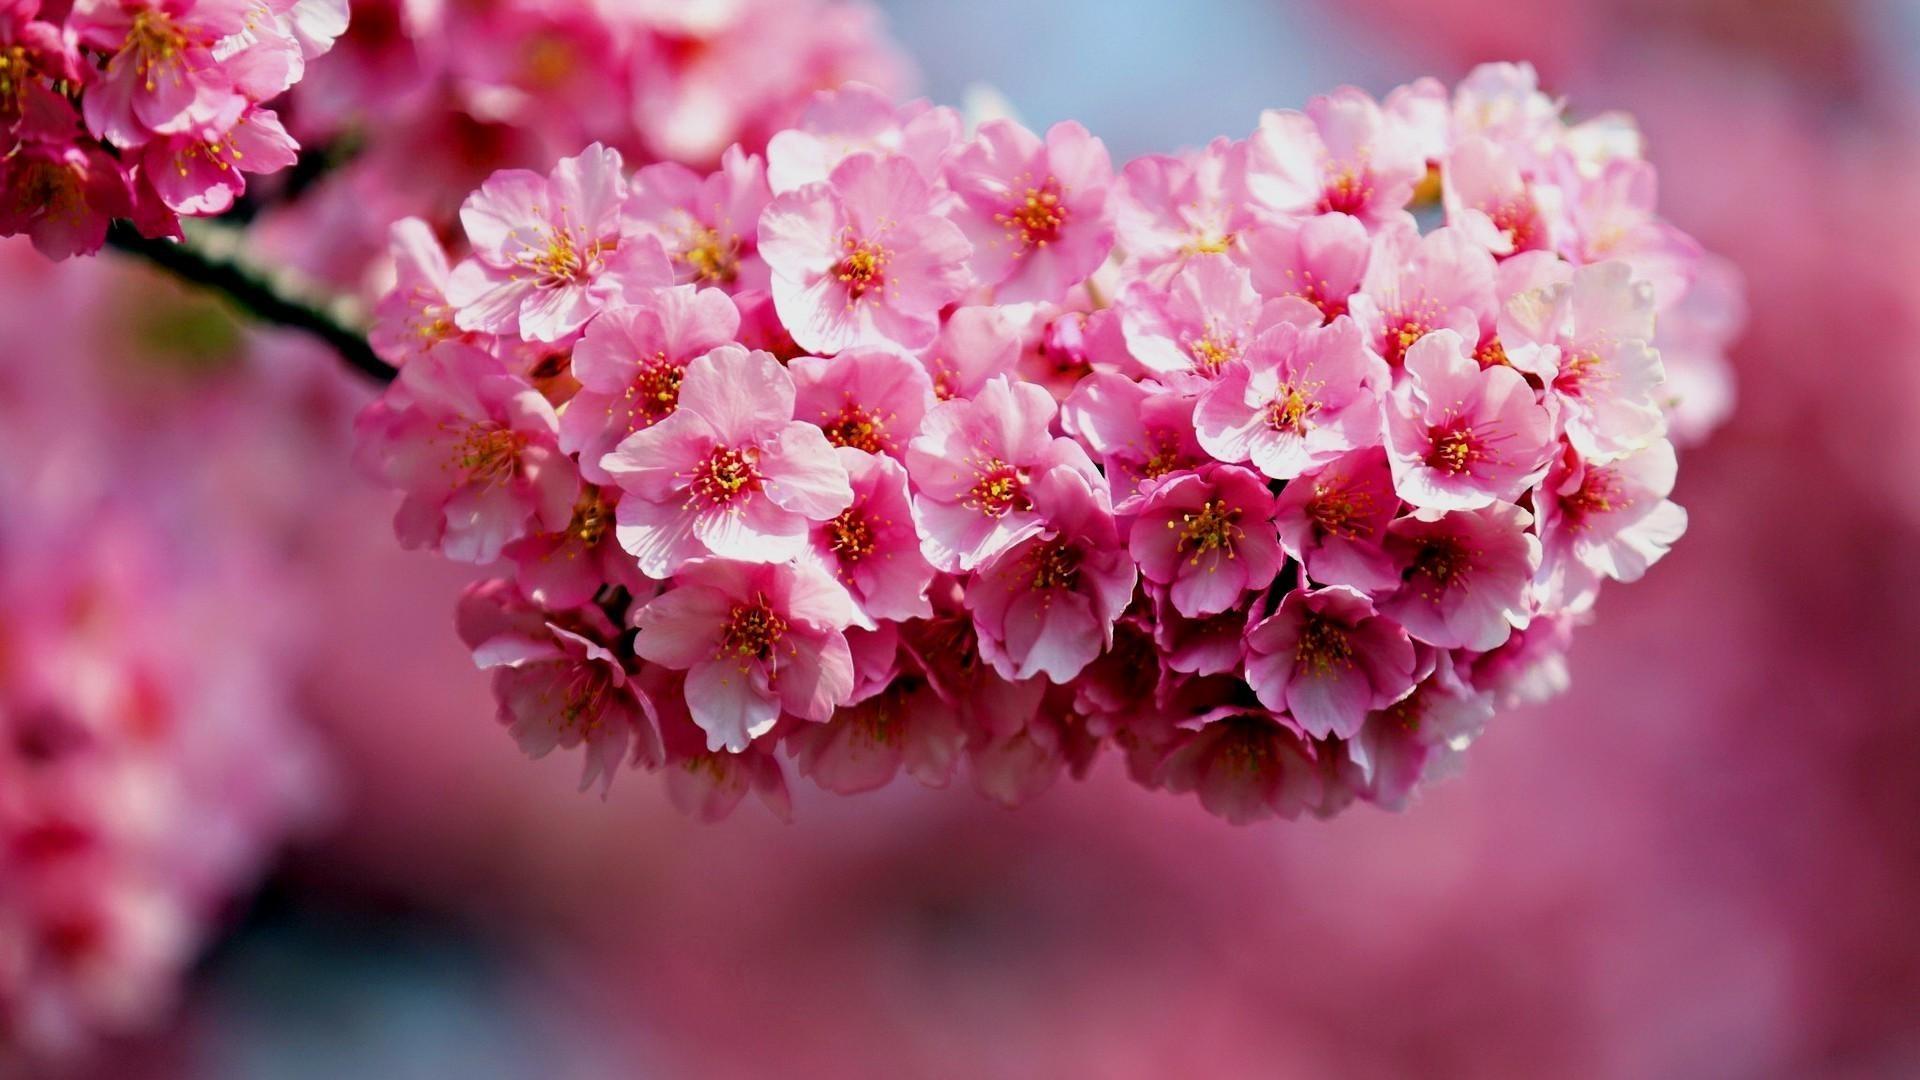 Flowers For Desktop Background 64 Images